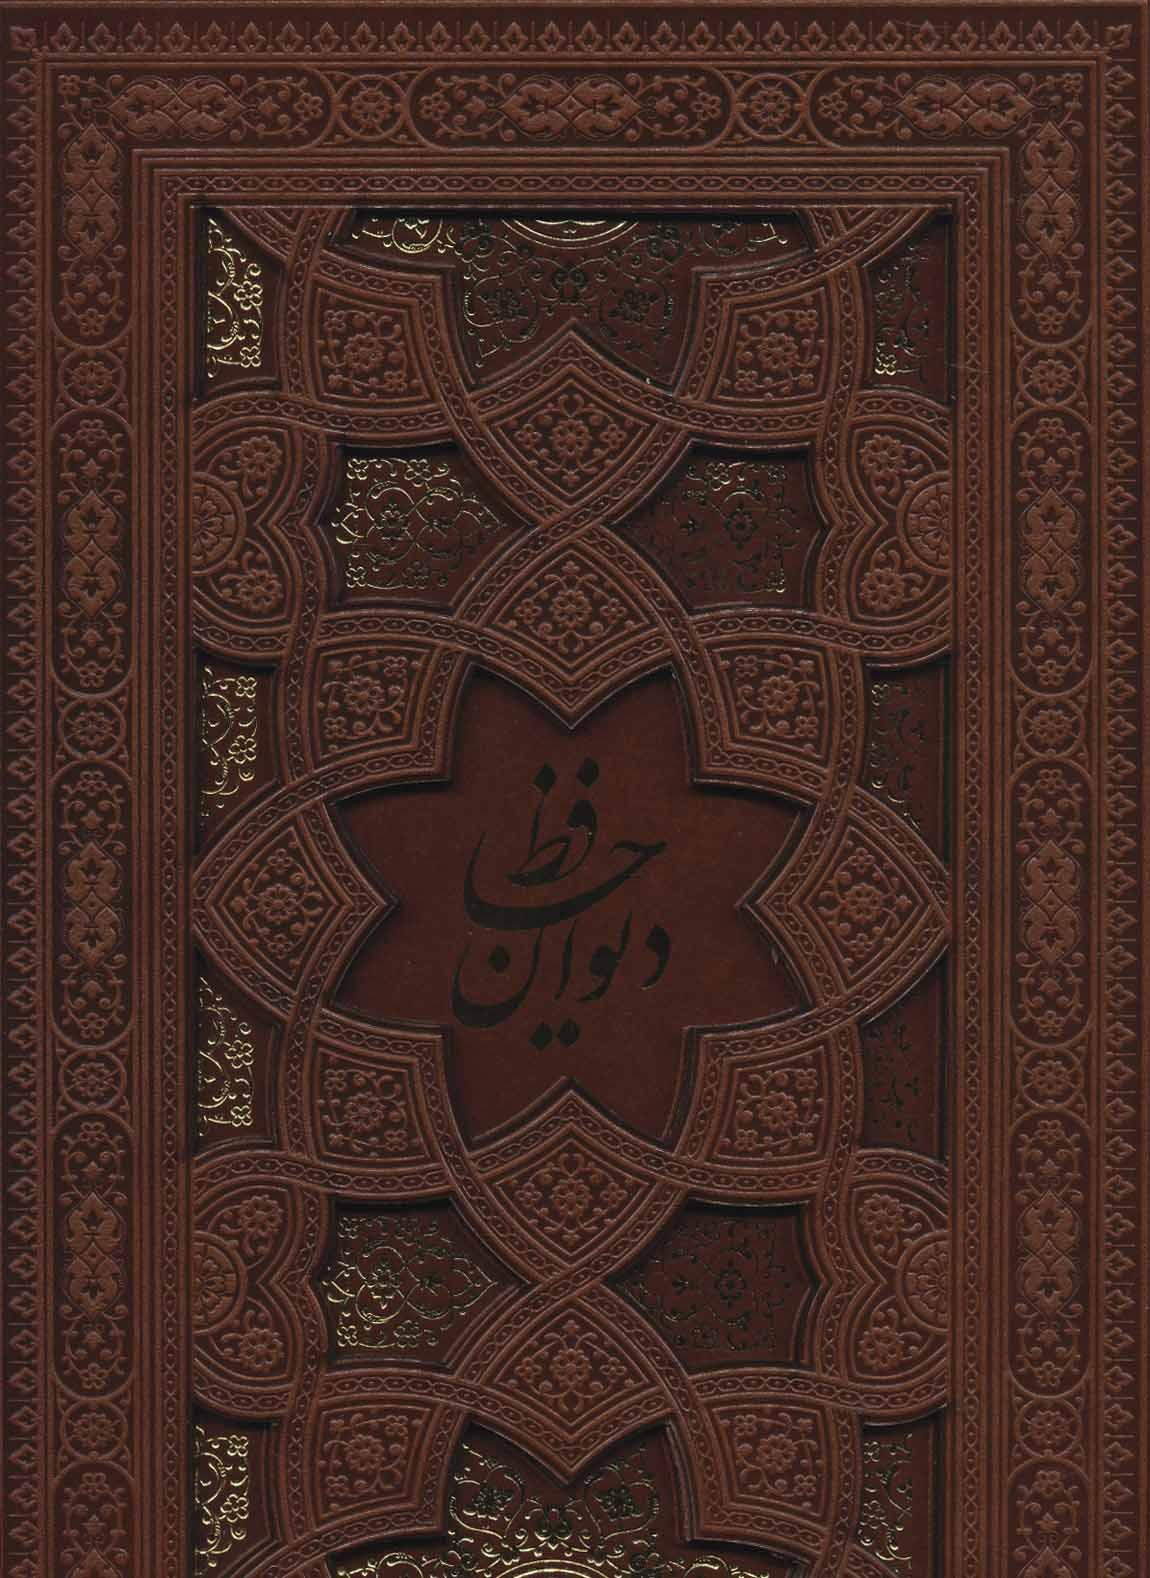 دیوان حافظ (2زبانه،گلاسه،باقاب،لب طلایی،لیزری)